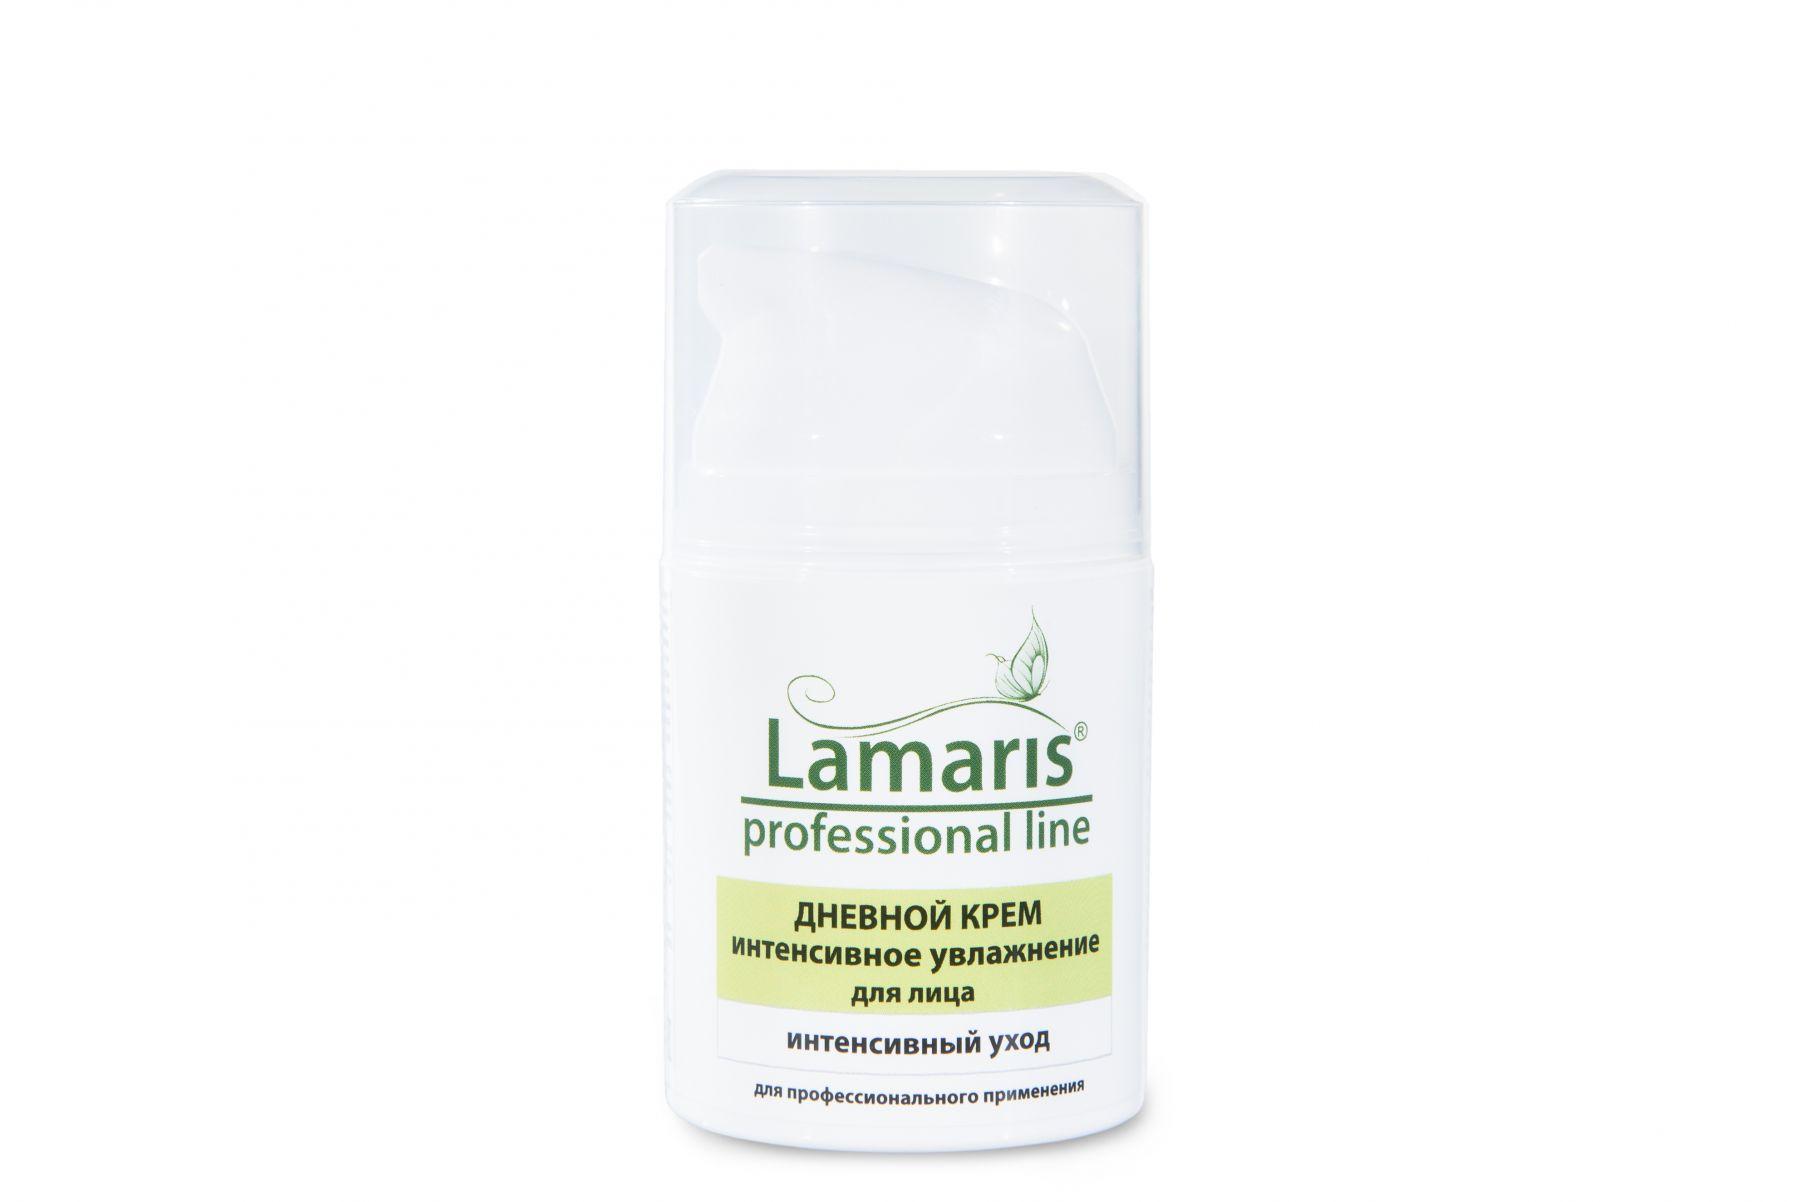 Интенсивное увлажнение дневной крем для лица Lamaris - 50, 100 мл